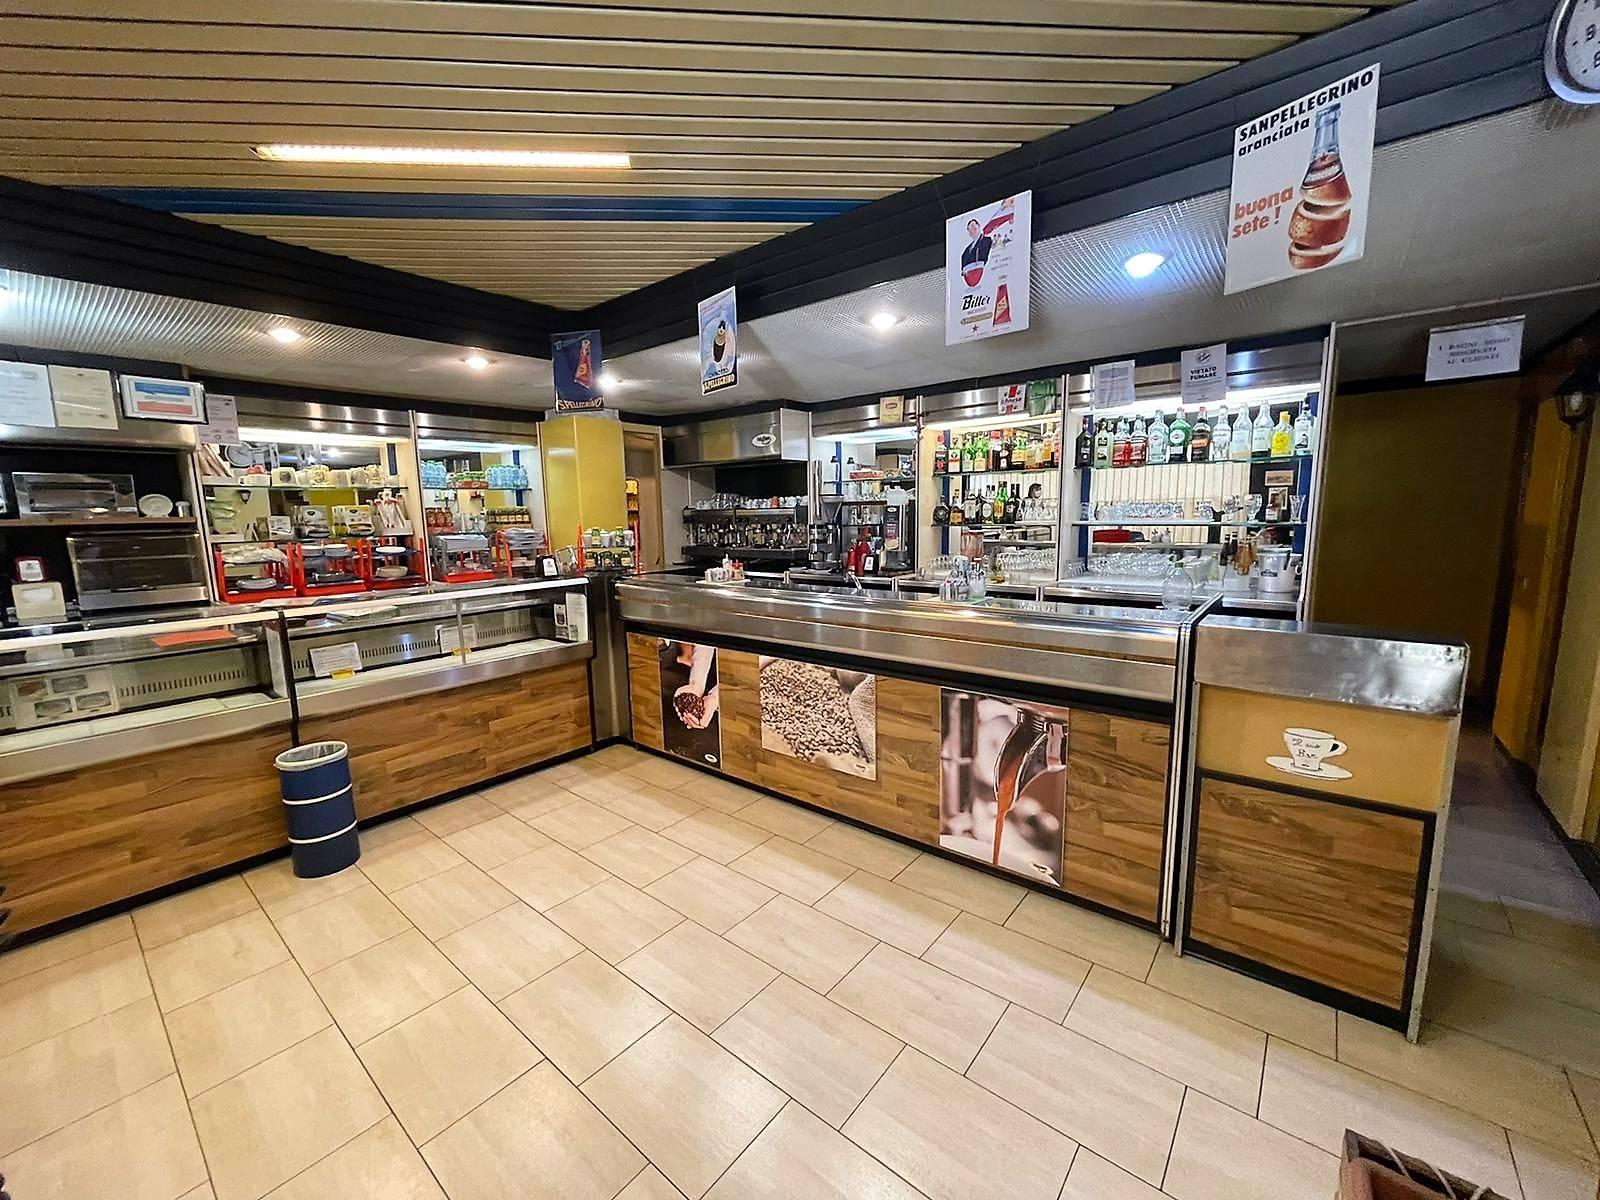 Attività commerciale in vendita a Cagliari (CA)